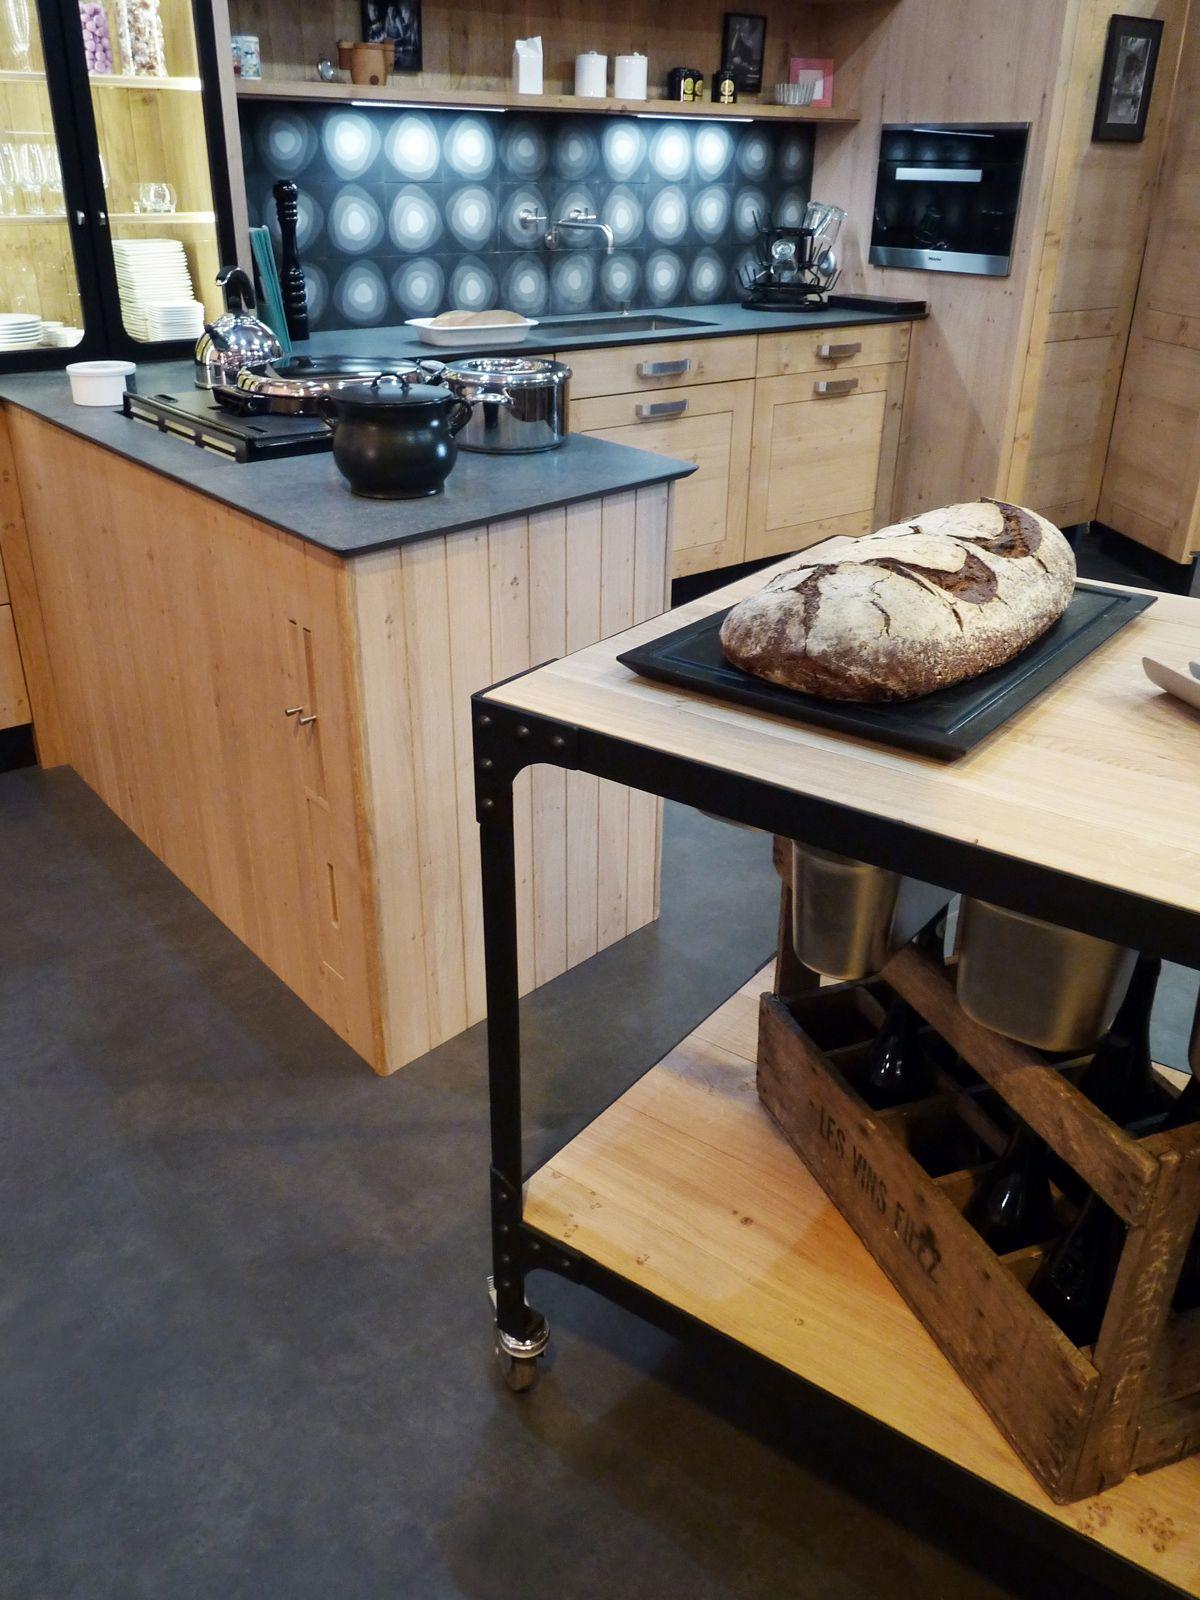 Atelier culinaire cuisine ch ne massif clair desserte plan de travail mobile structure acier - Plan de travail cuisine noir ...